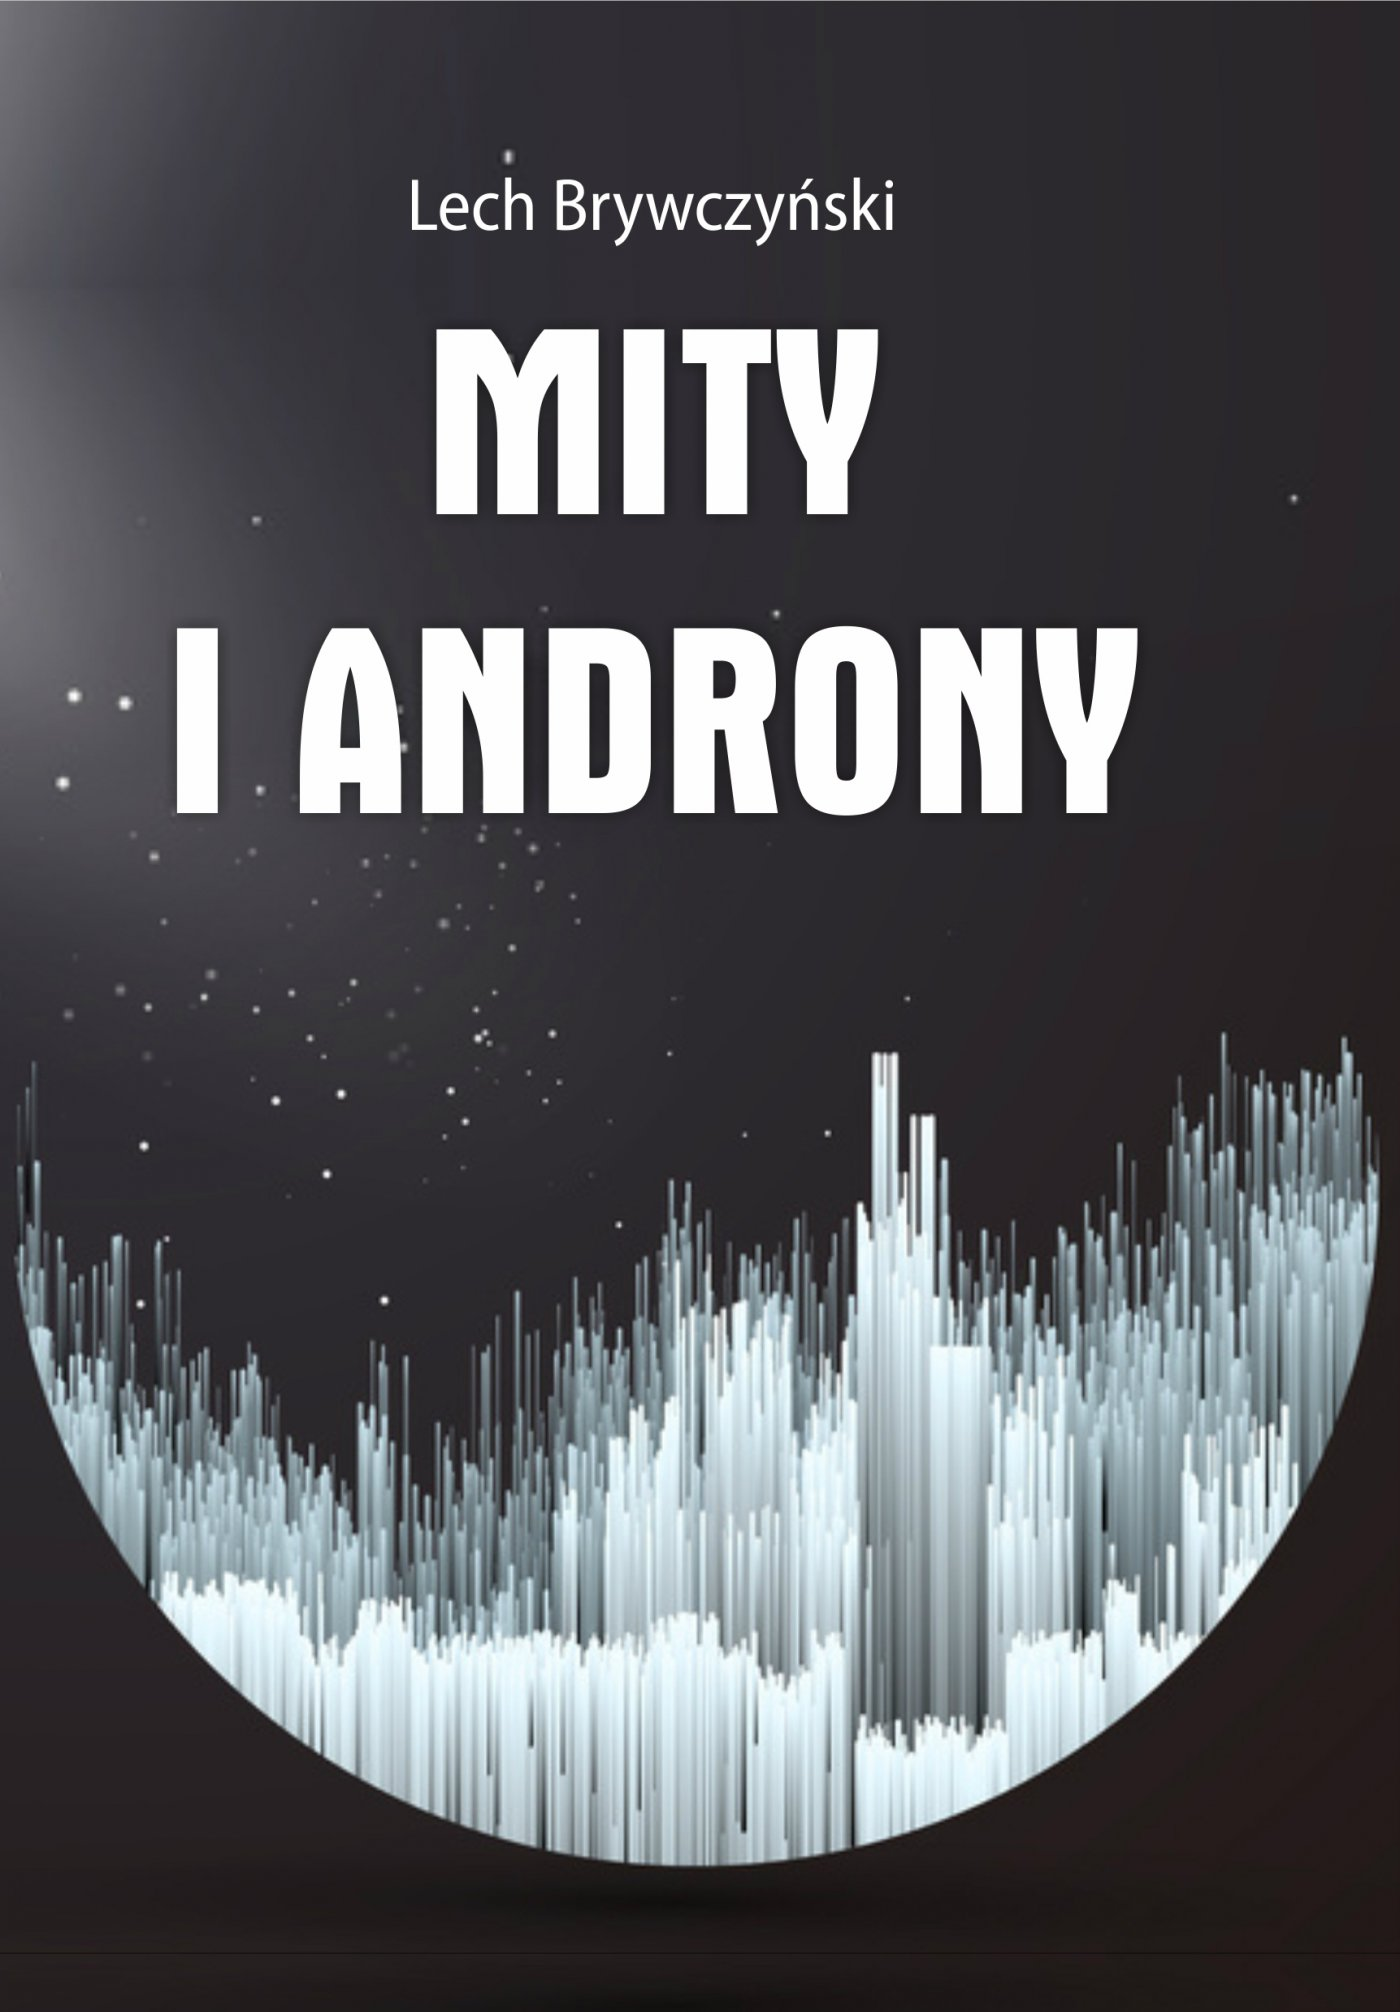 Mity i androny - Ebook (Książka EPUB) do pobrania w formacie EPUB